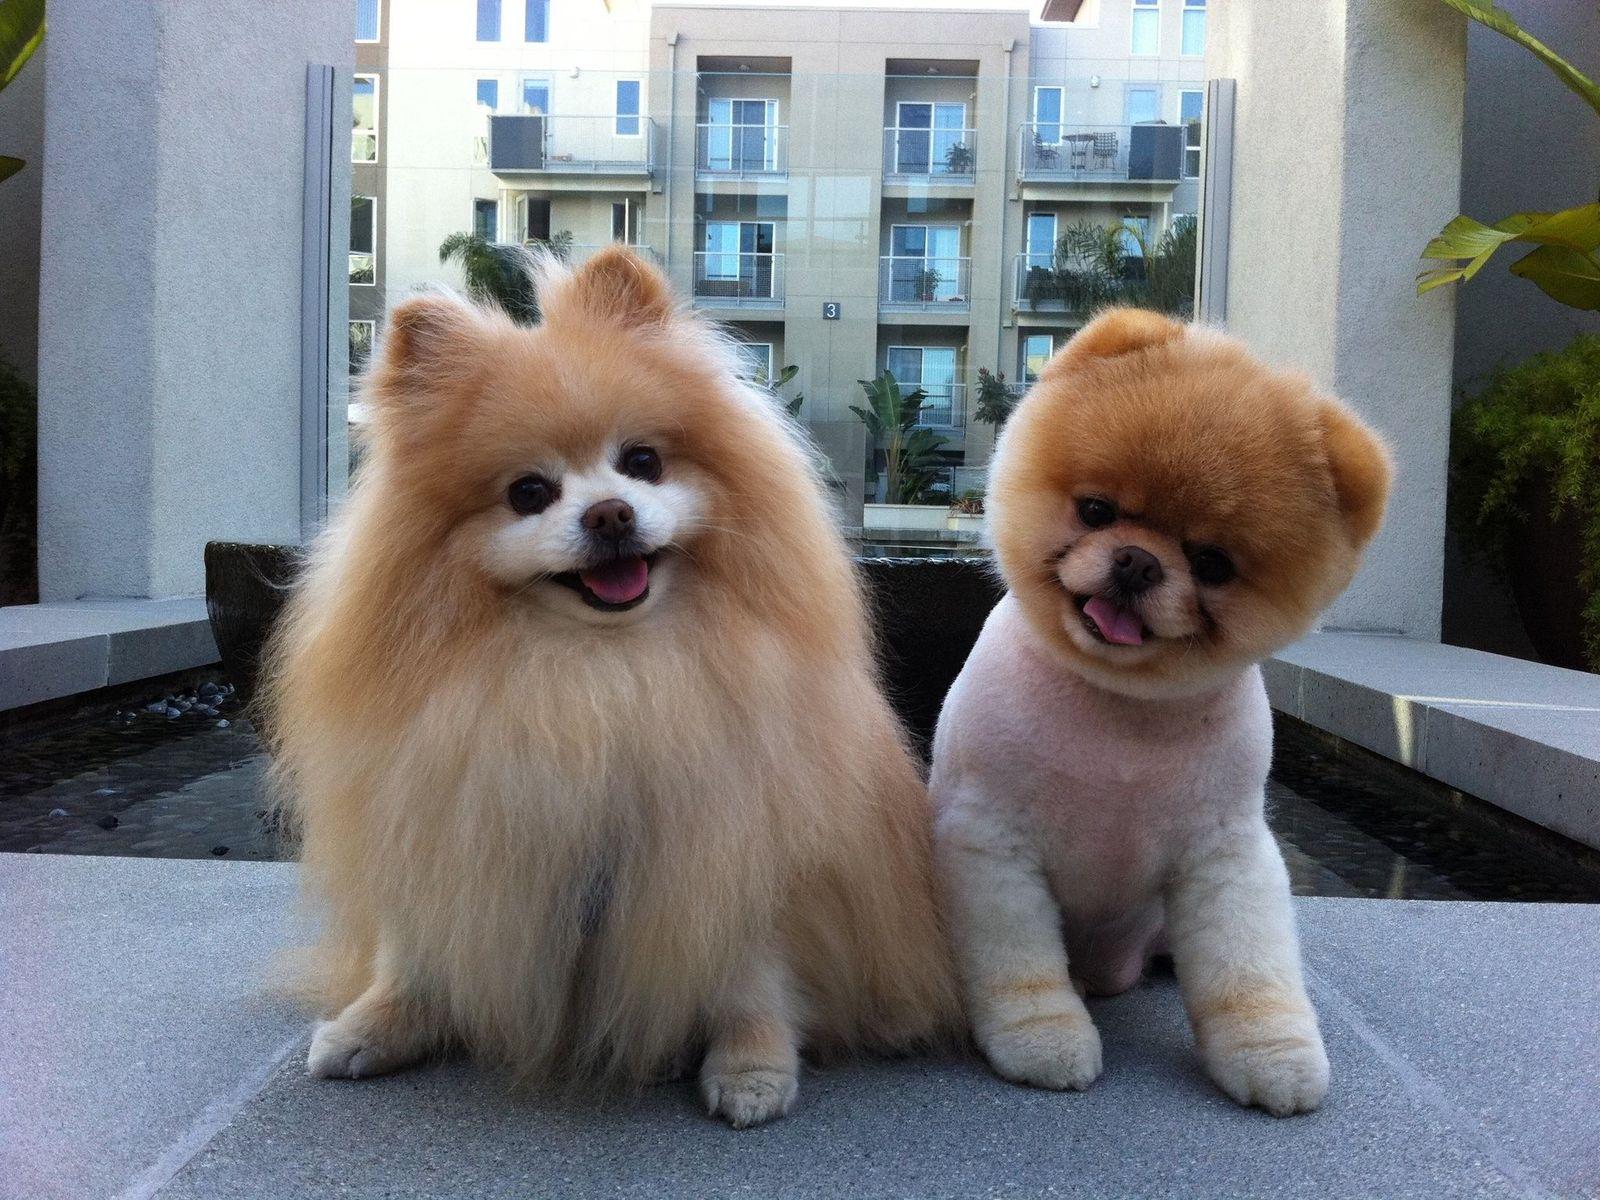 Бу - самая популярная собака на Facebook, на ее страничку заходят